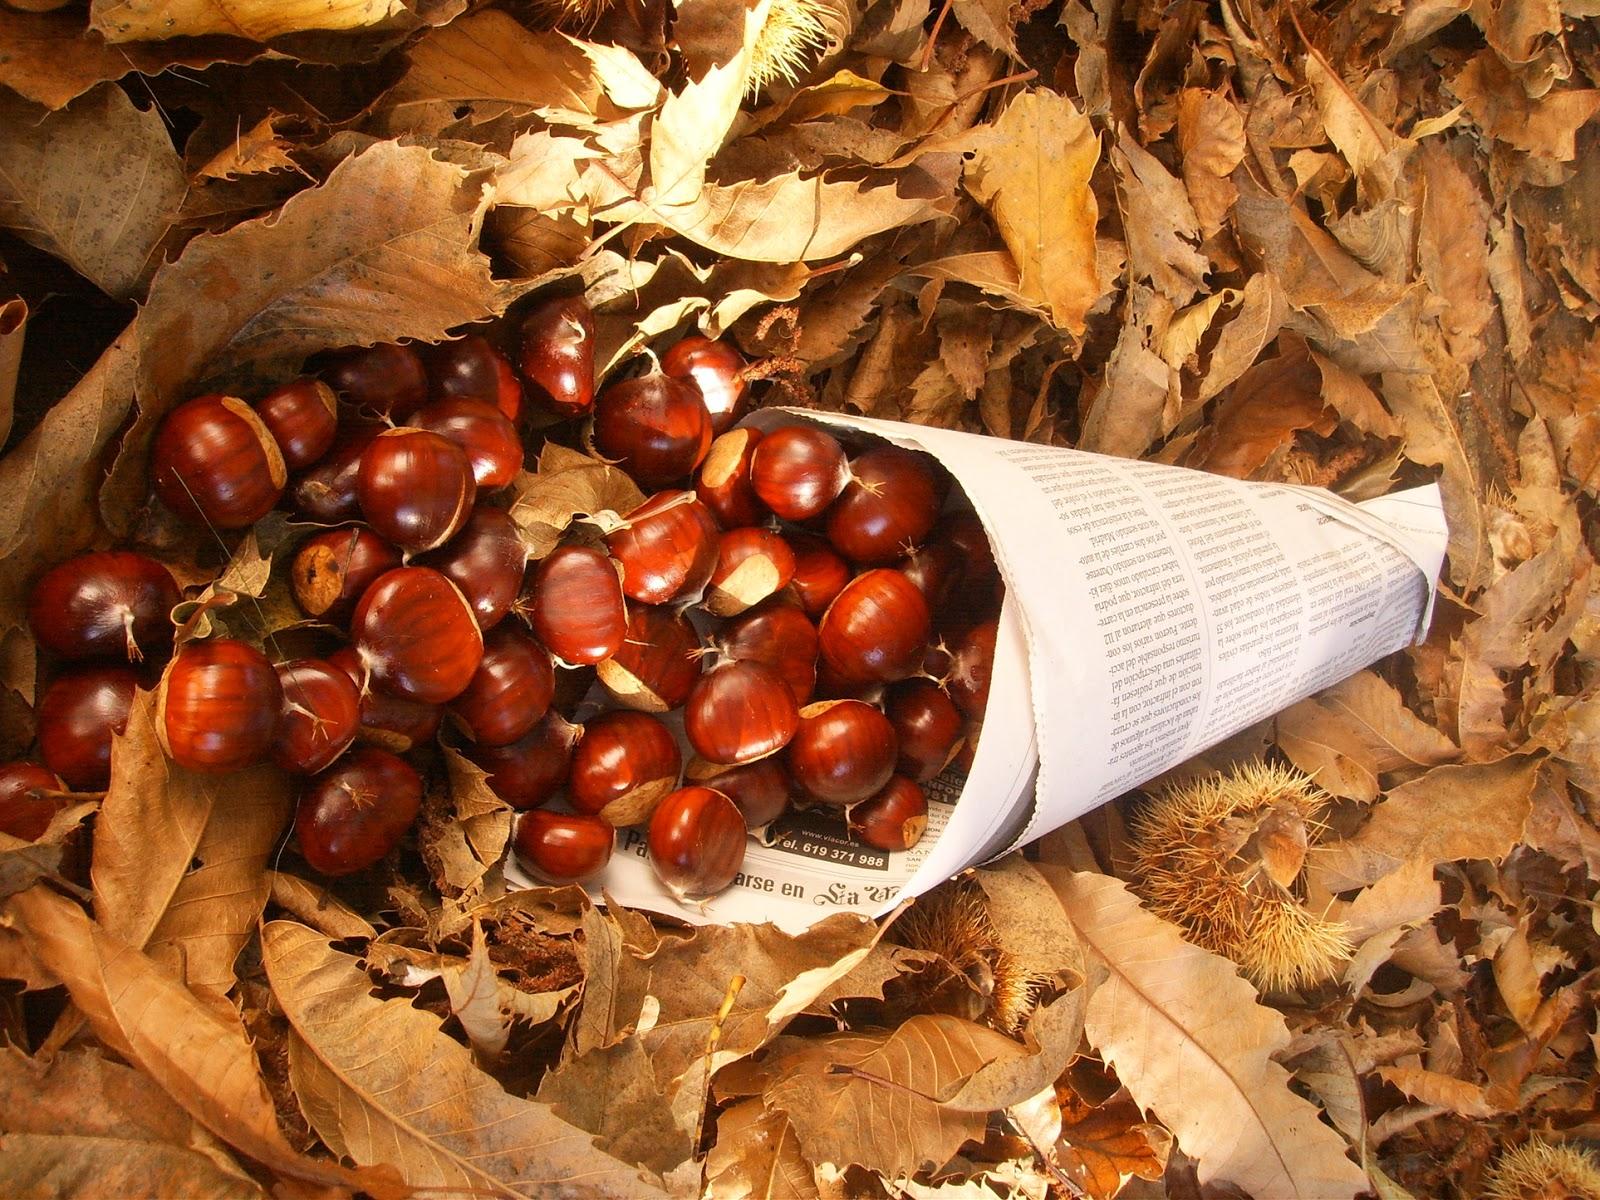 El magosto, la tradicional fiesta del otoño en Galicia